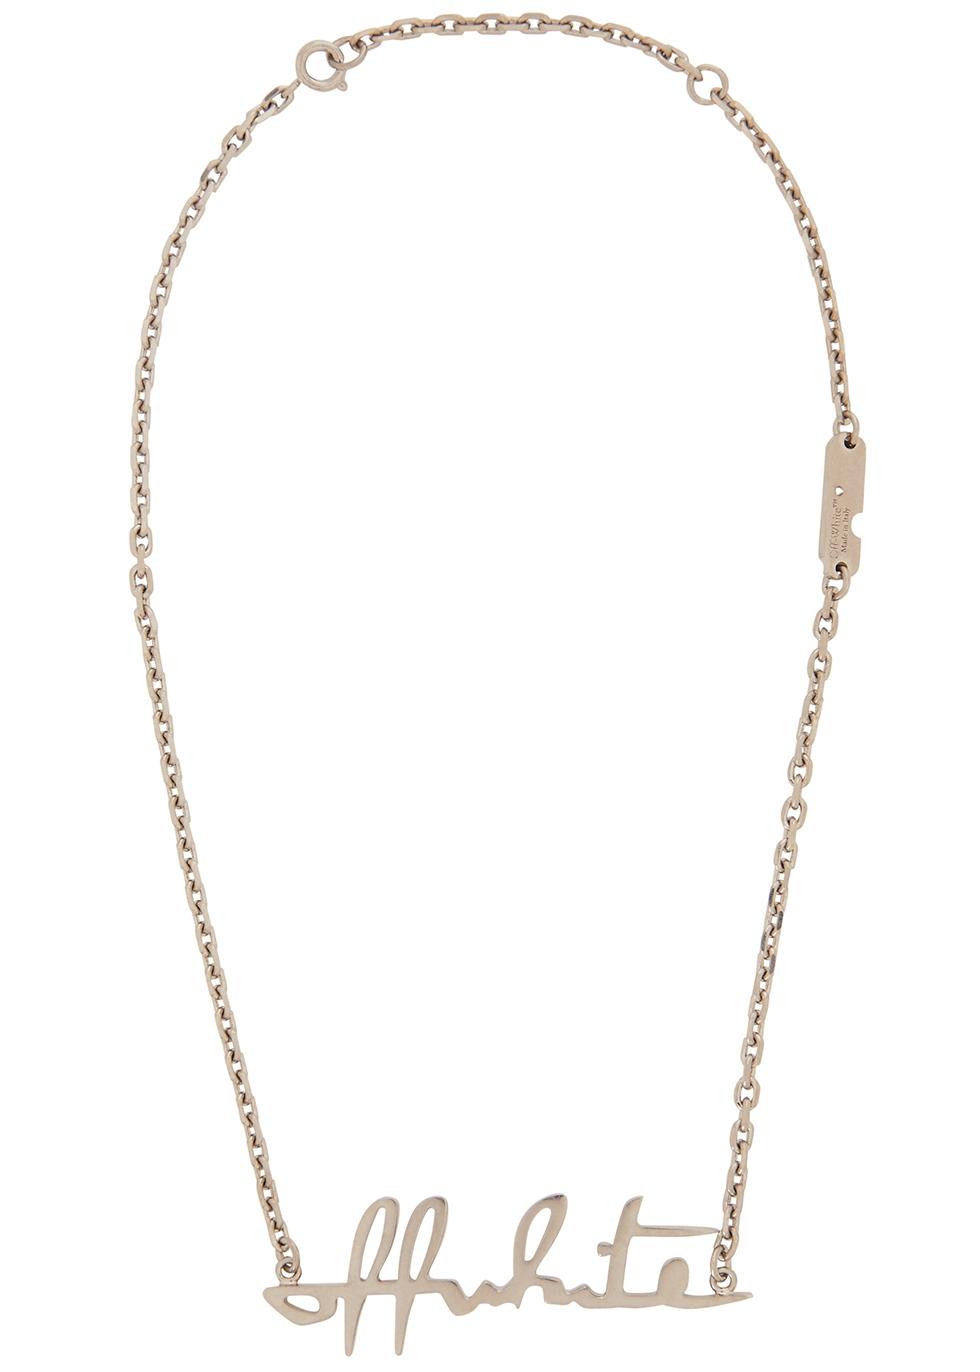 Silver-tone logo necklace